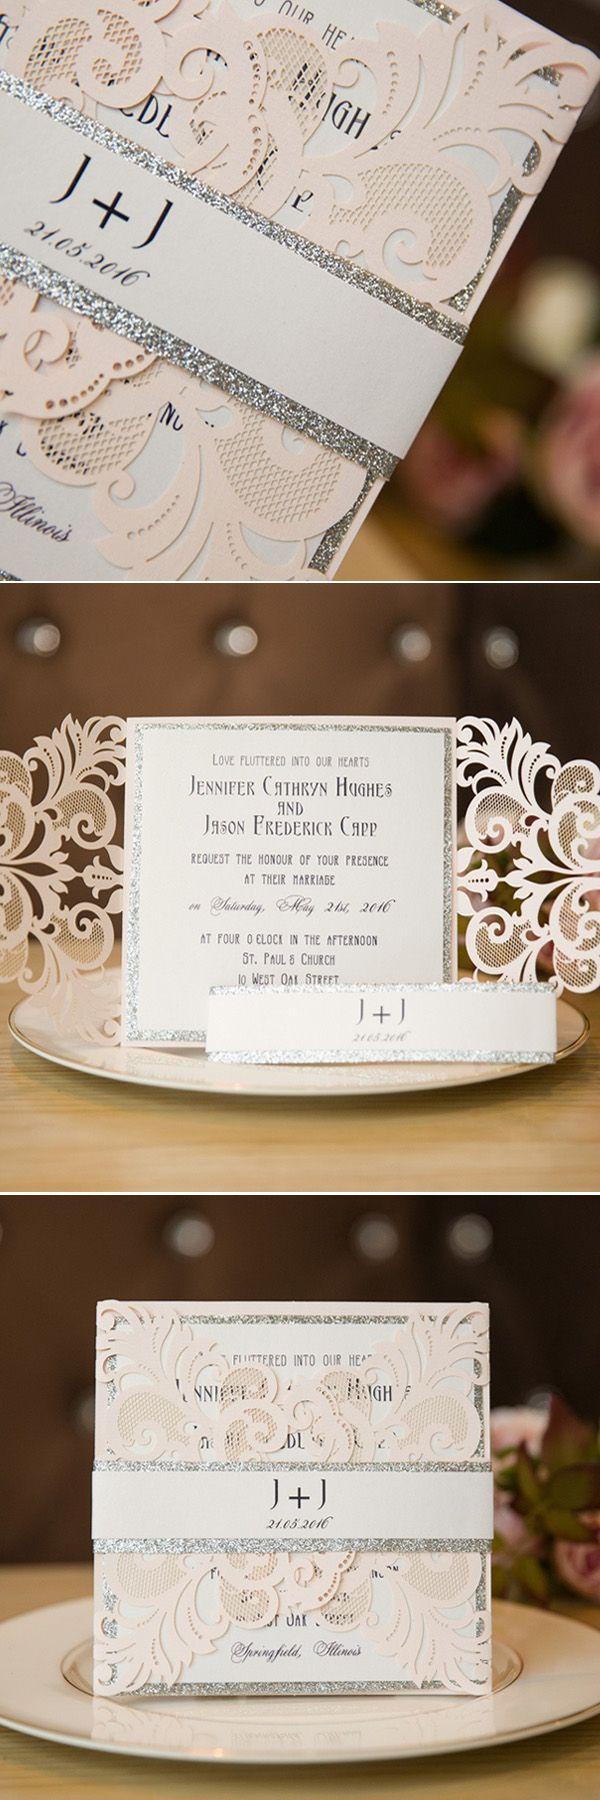 blush pink and silver laser cut wedding invitation cards swws004 #stylishweddinginvitations